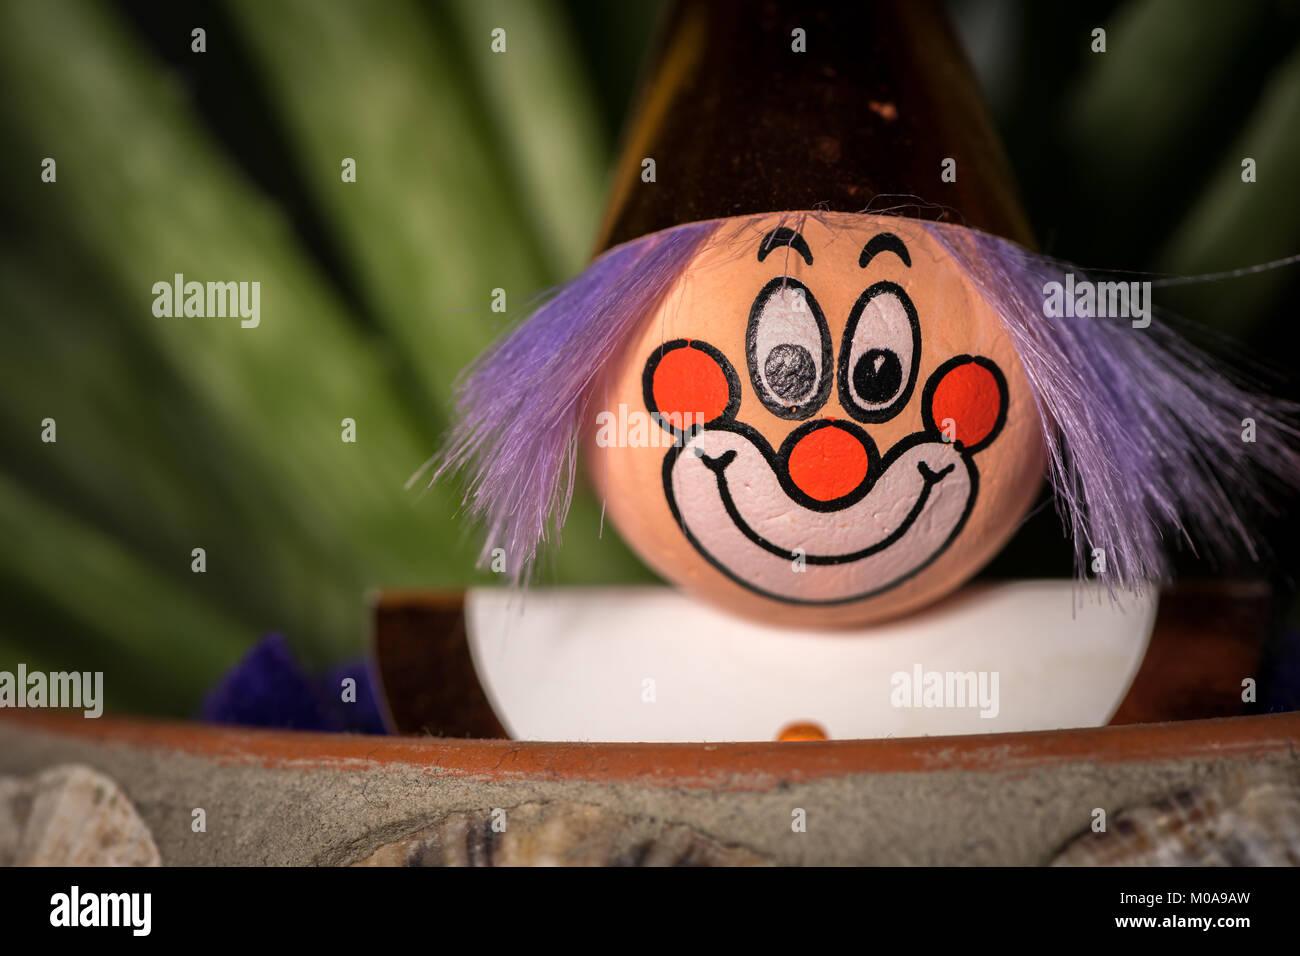 Portrat Einer Figur Eines Clowns Mit Einem Lachelnden Gesicht Steckt